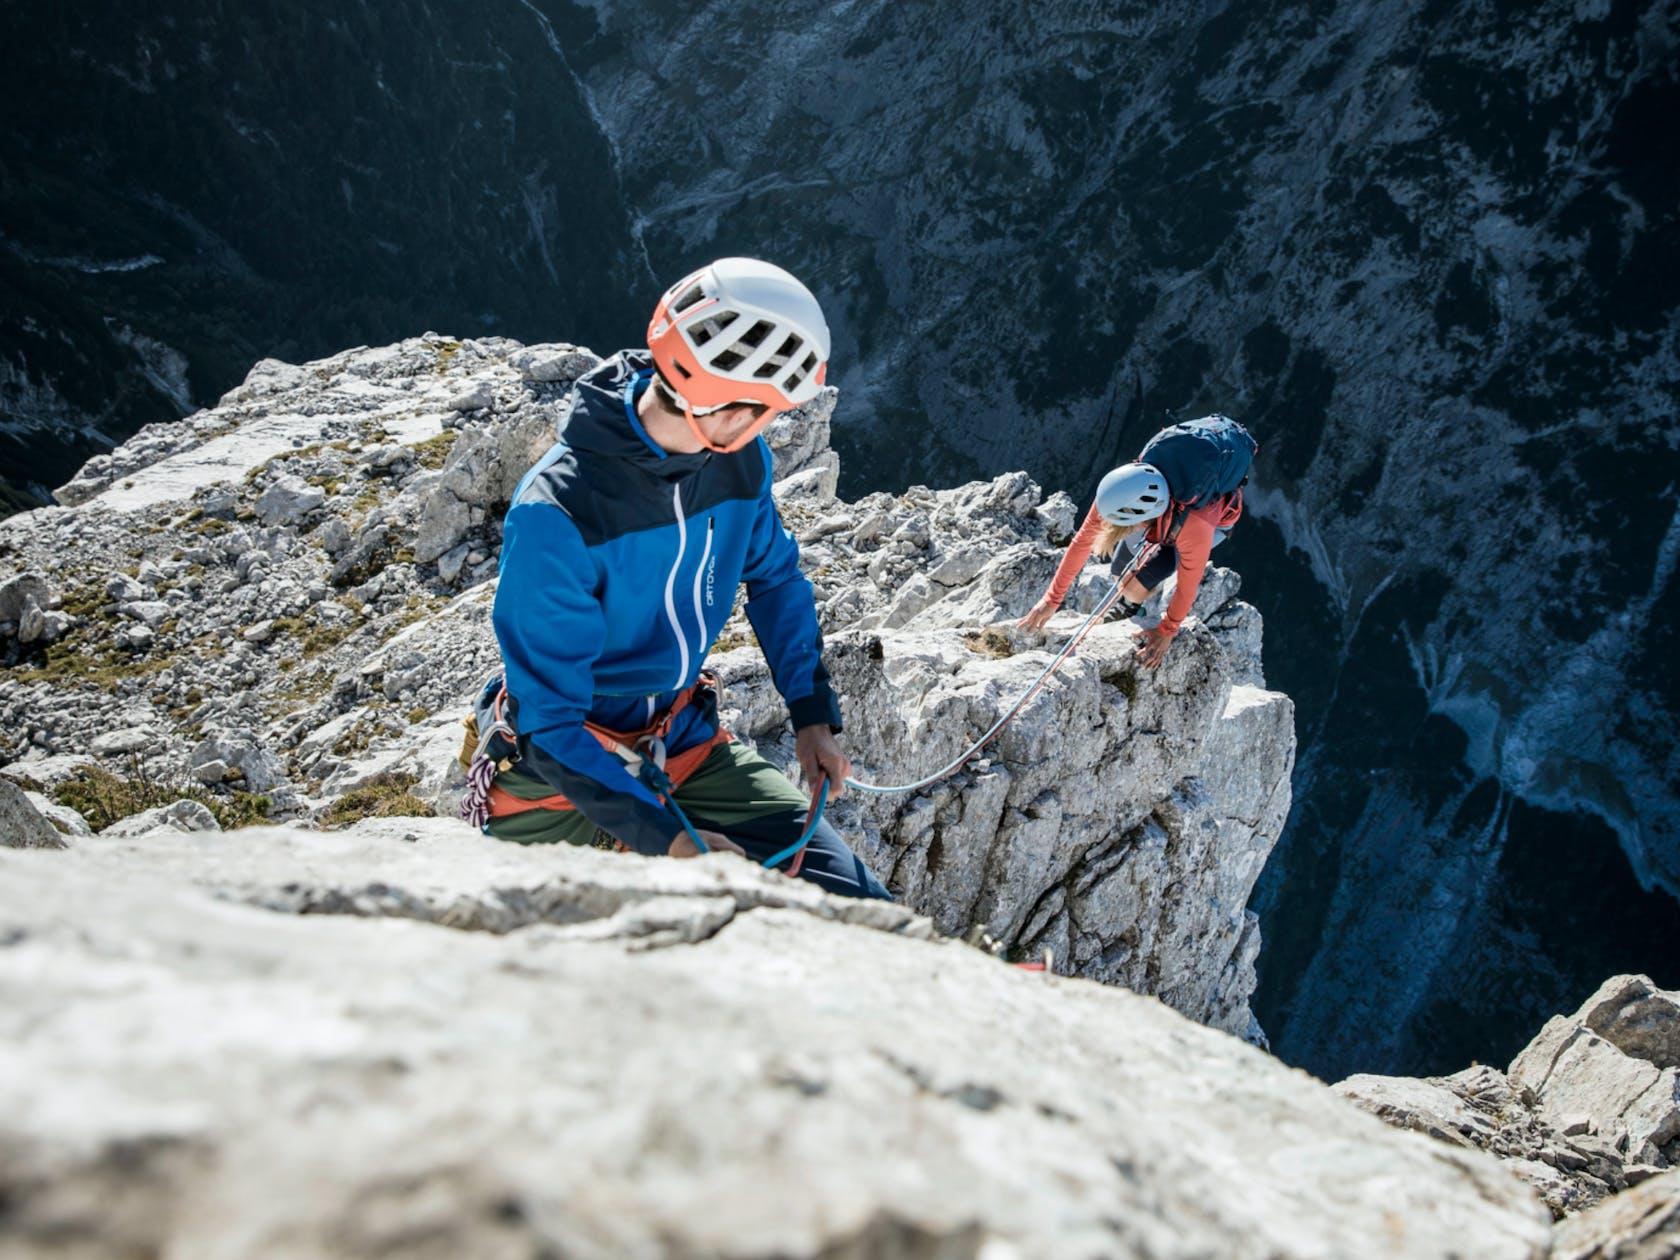 Ortovox Onlineshop Bergbekleidung Rucksäcke Ausrüstung